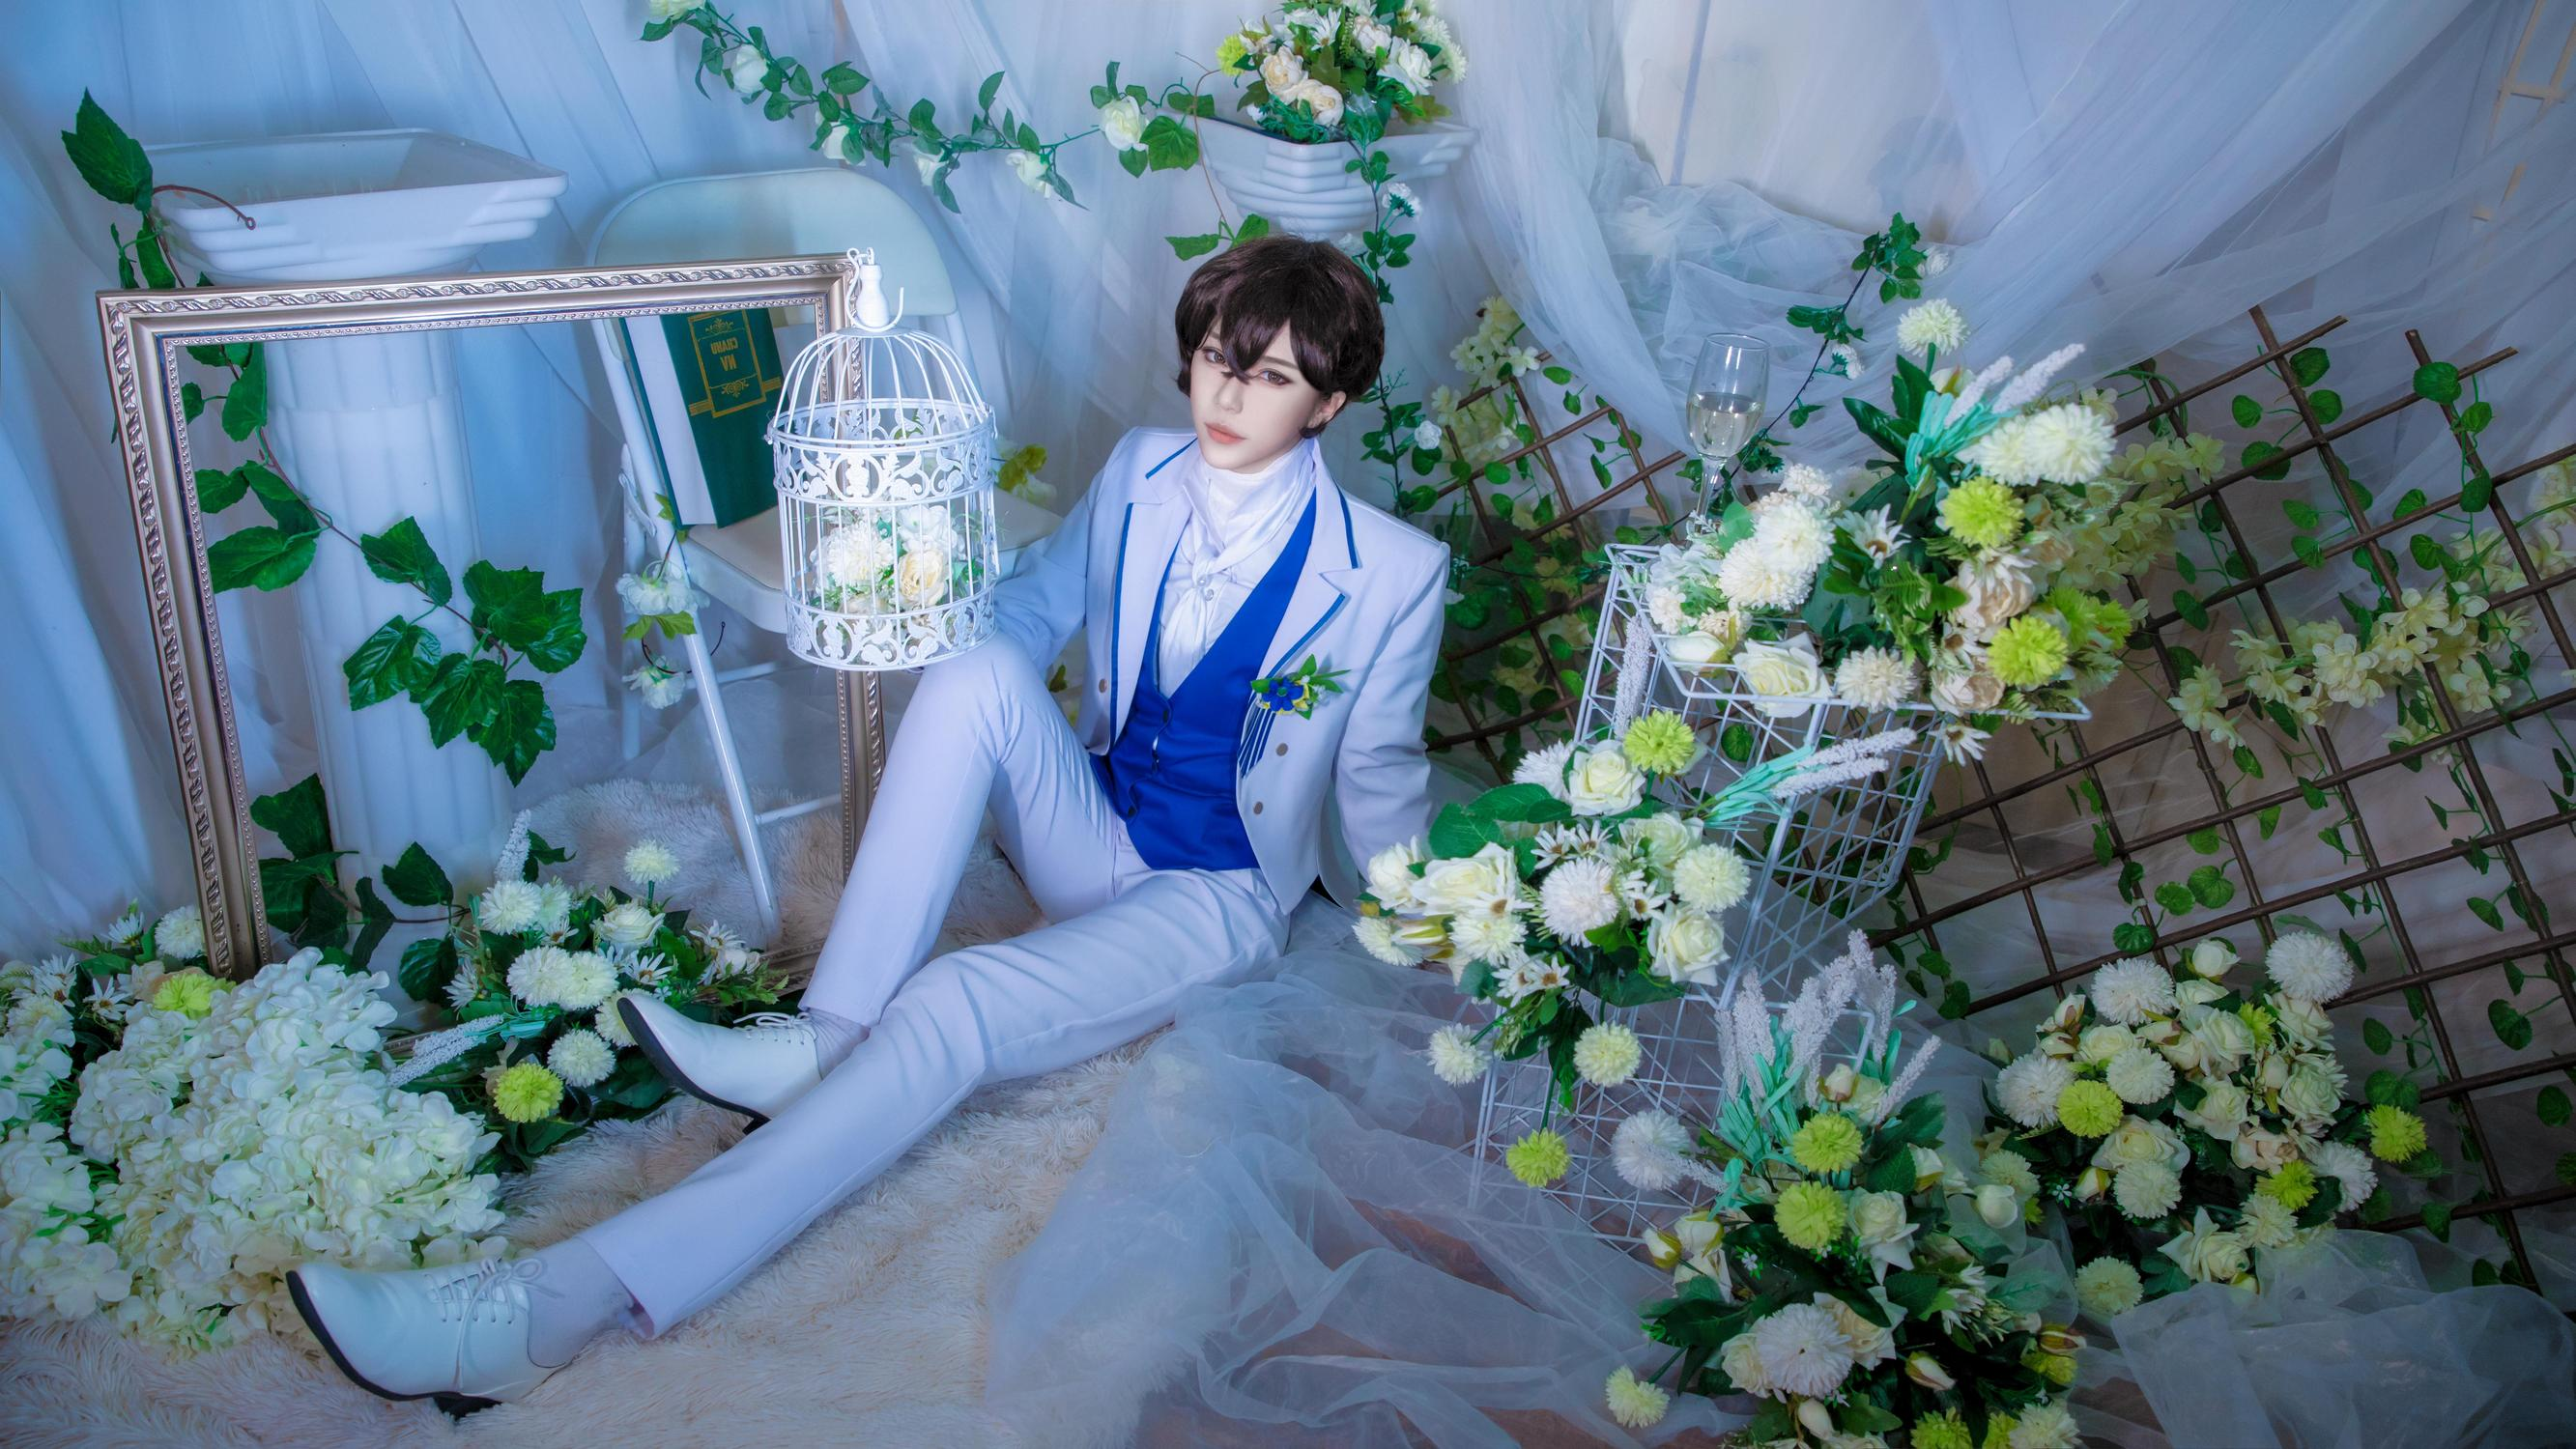 《文豪野犬》文豪野犬太宰治cosplay【CN:衿辞】-第9张